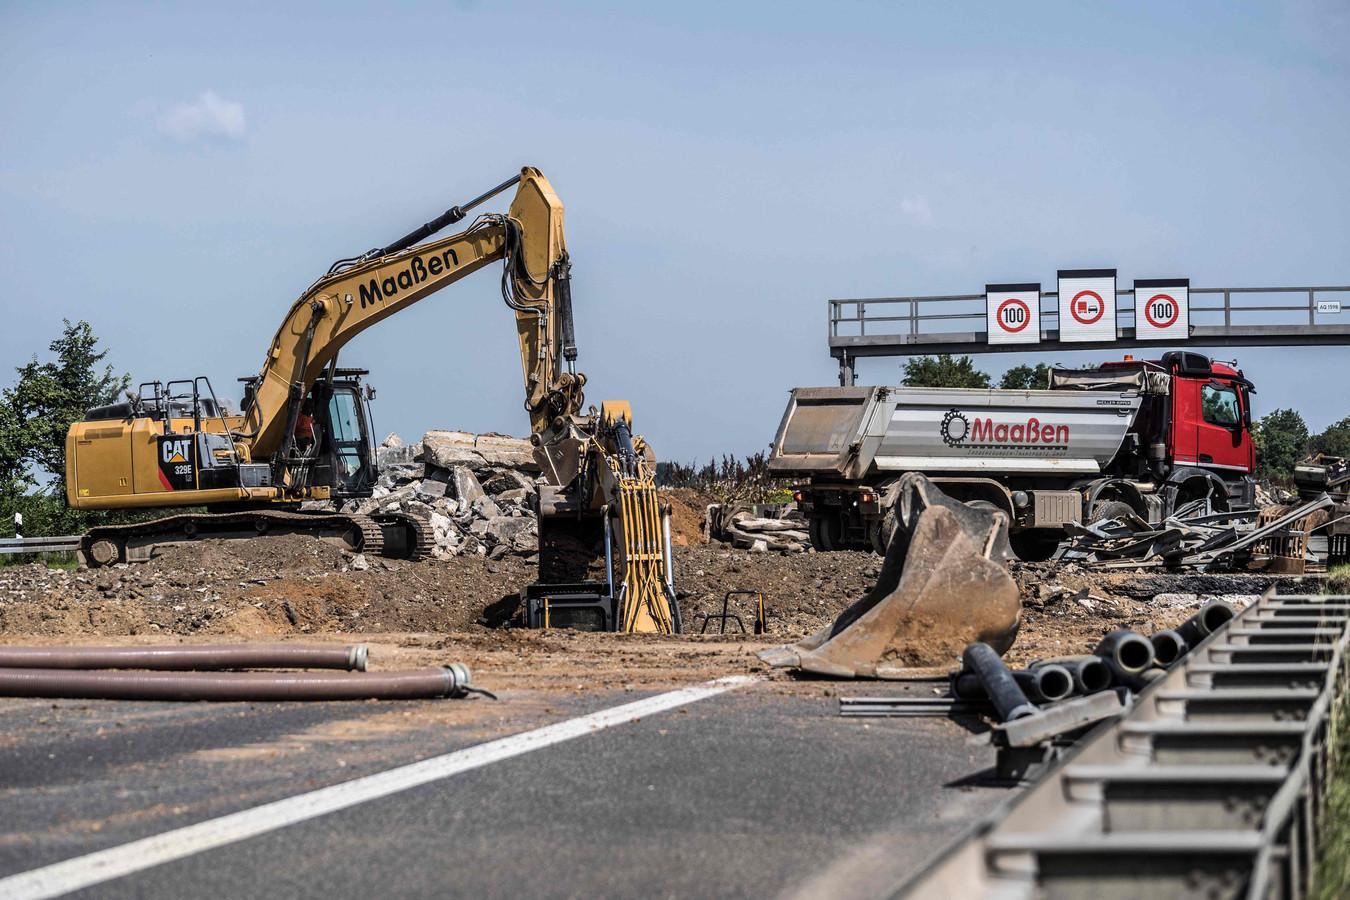 Op de A61 tussen Keulen en Koblenz wordt er flink gewerkt aan de weg om de schade van het noodweer te herstellen.